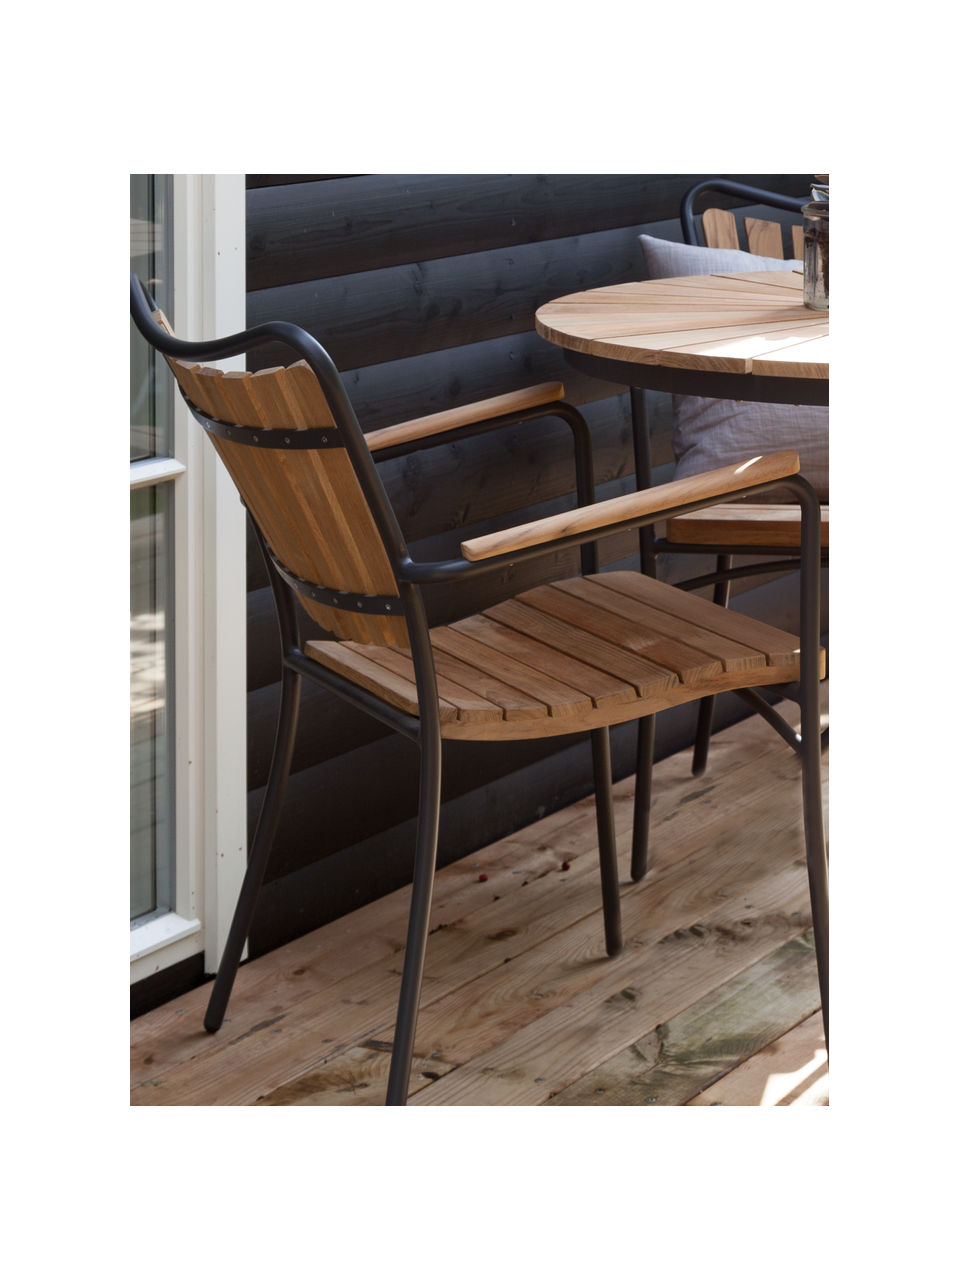 Zahradní židle z dřeva Hard & Ellen, Antracitová, teakové dřevo